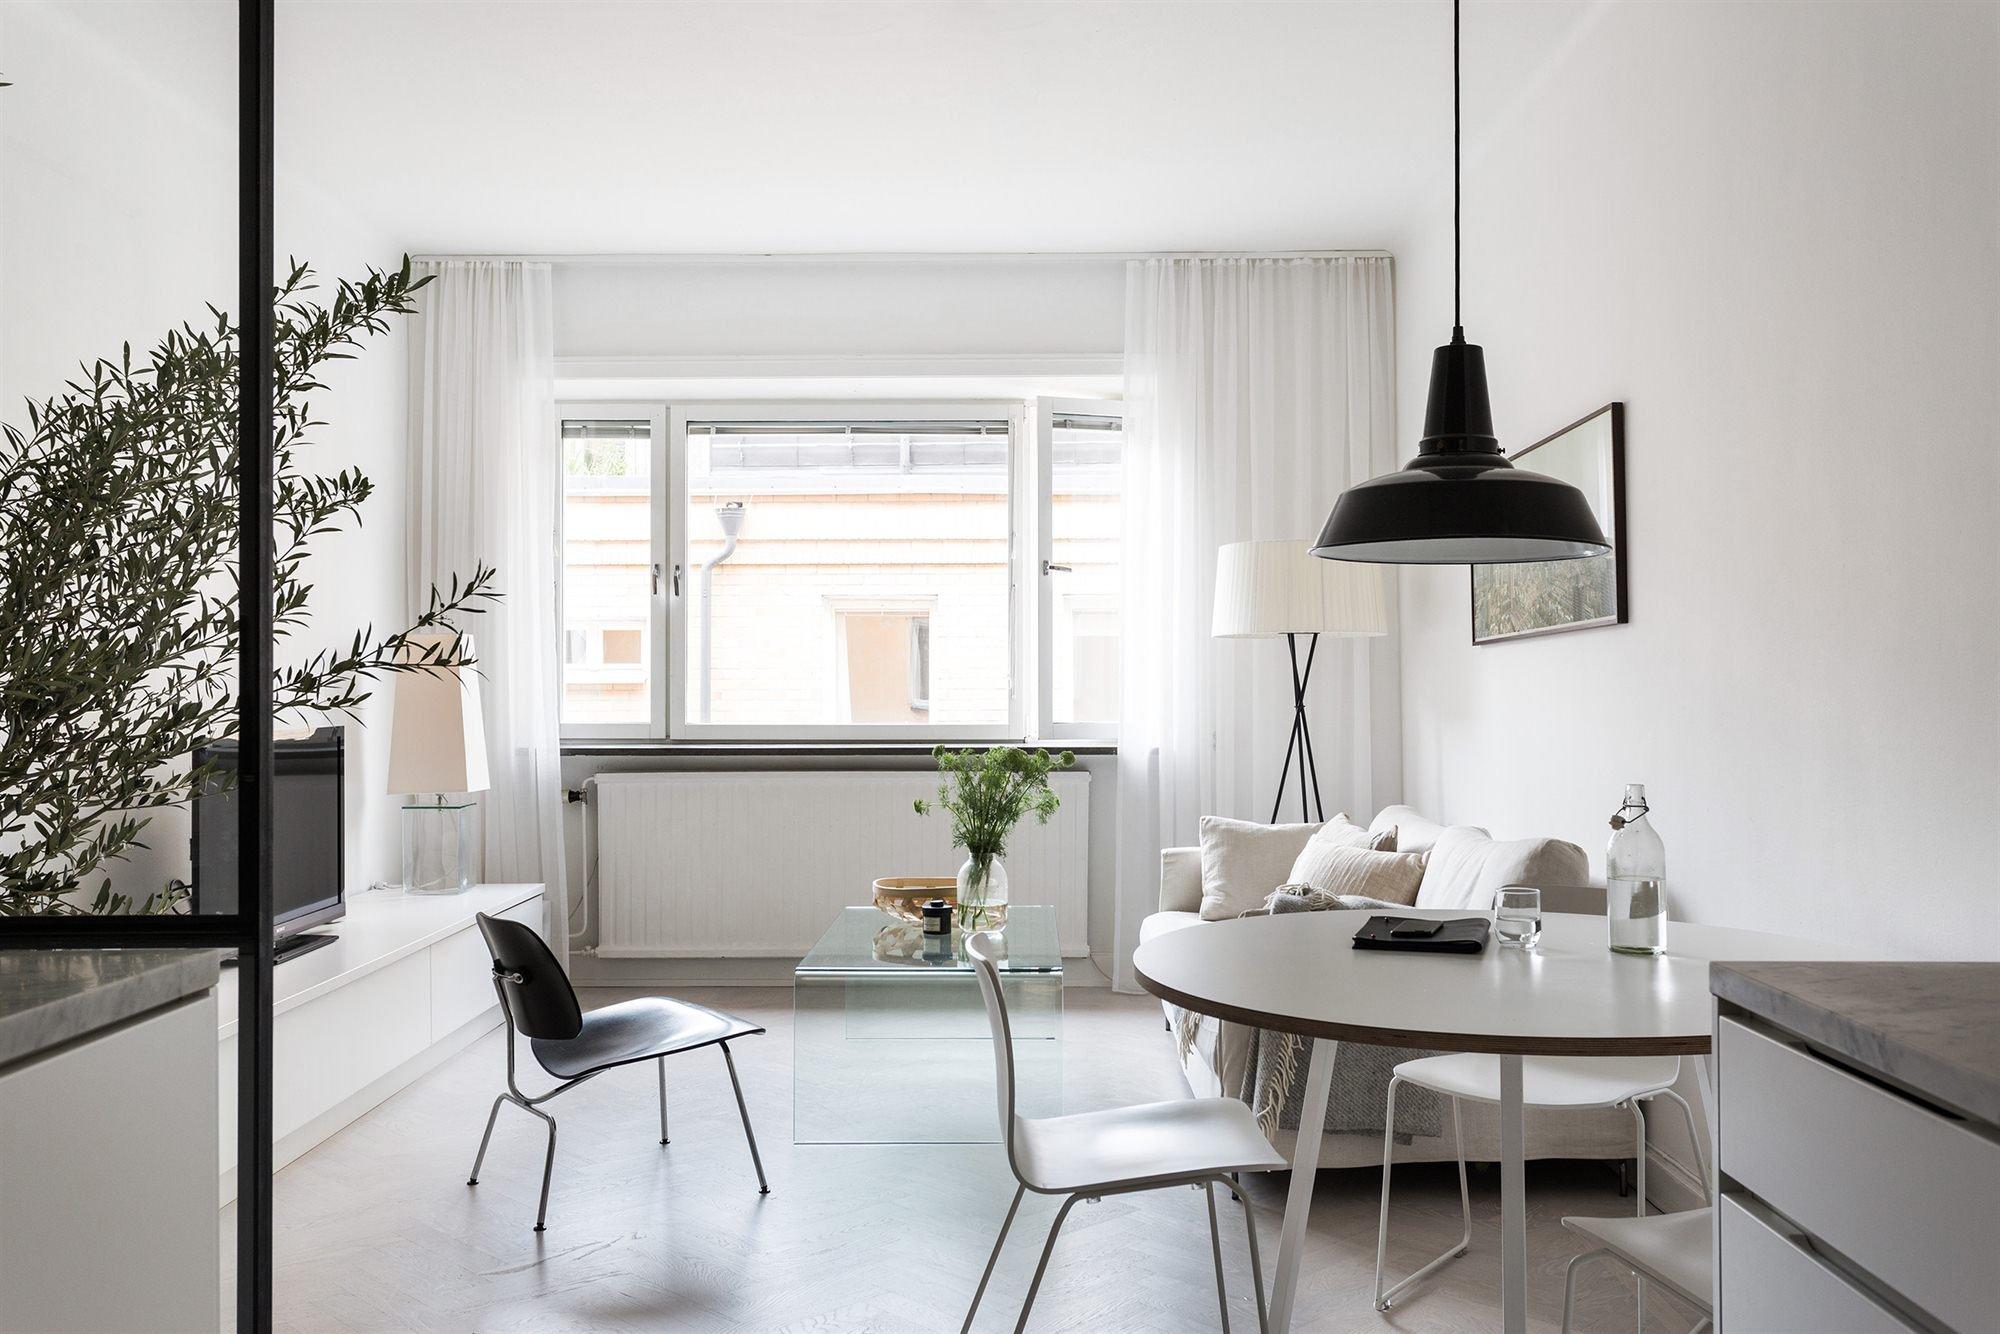 Однокомнатная квартира в скандинавском стиле светлая